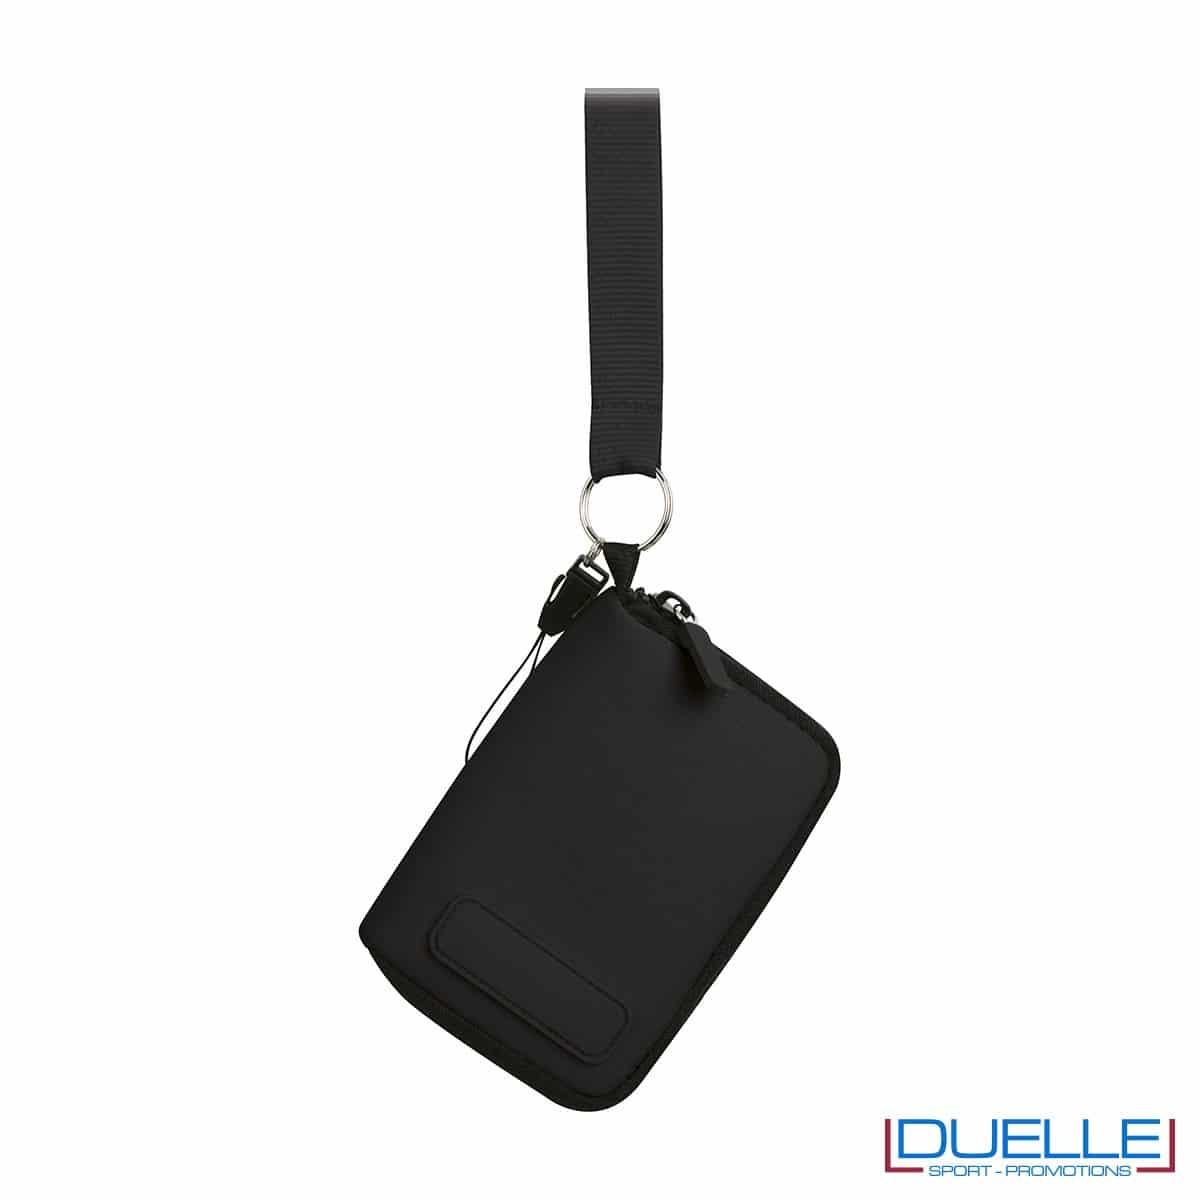 portacellulare da collo con cerniera e foro per cuffie in colore nero personalizzato, gadget estate, gadget personalizzati